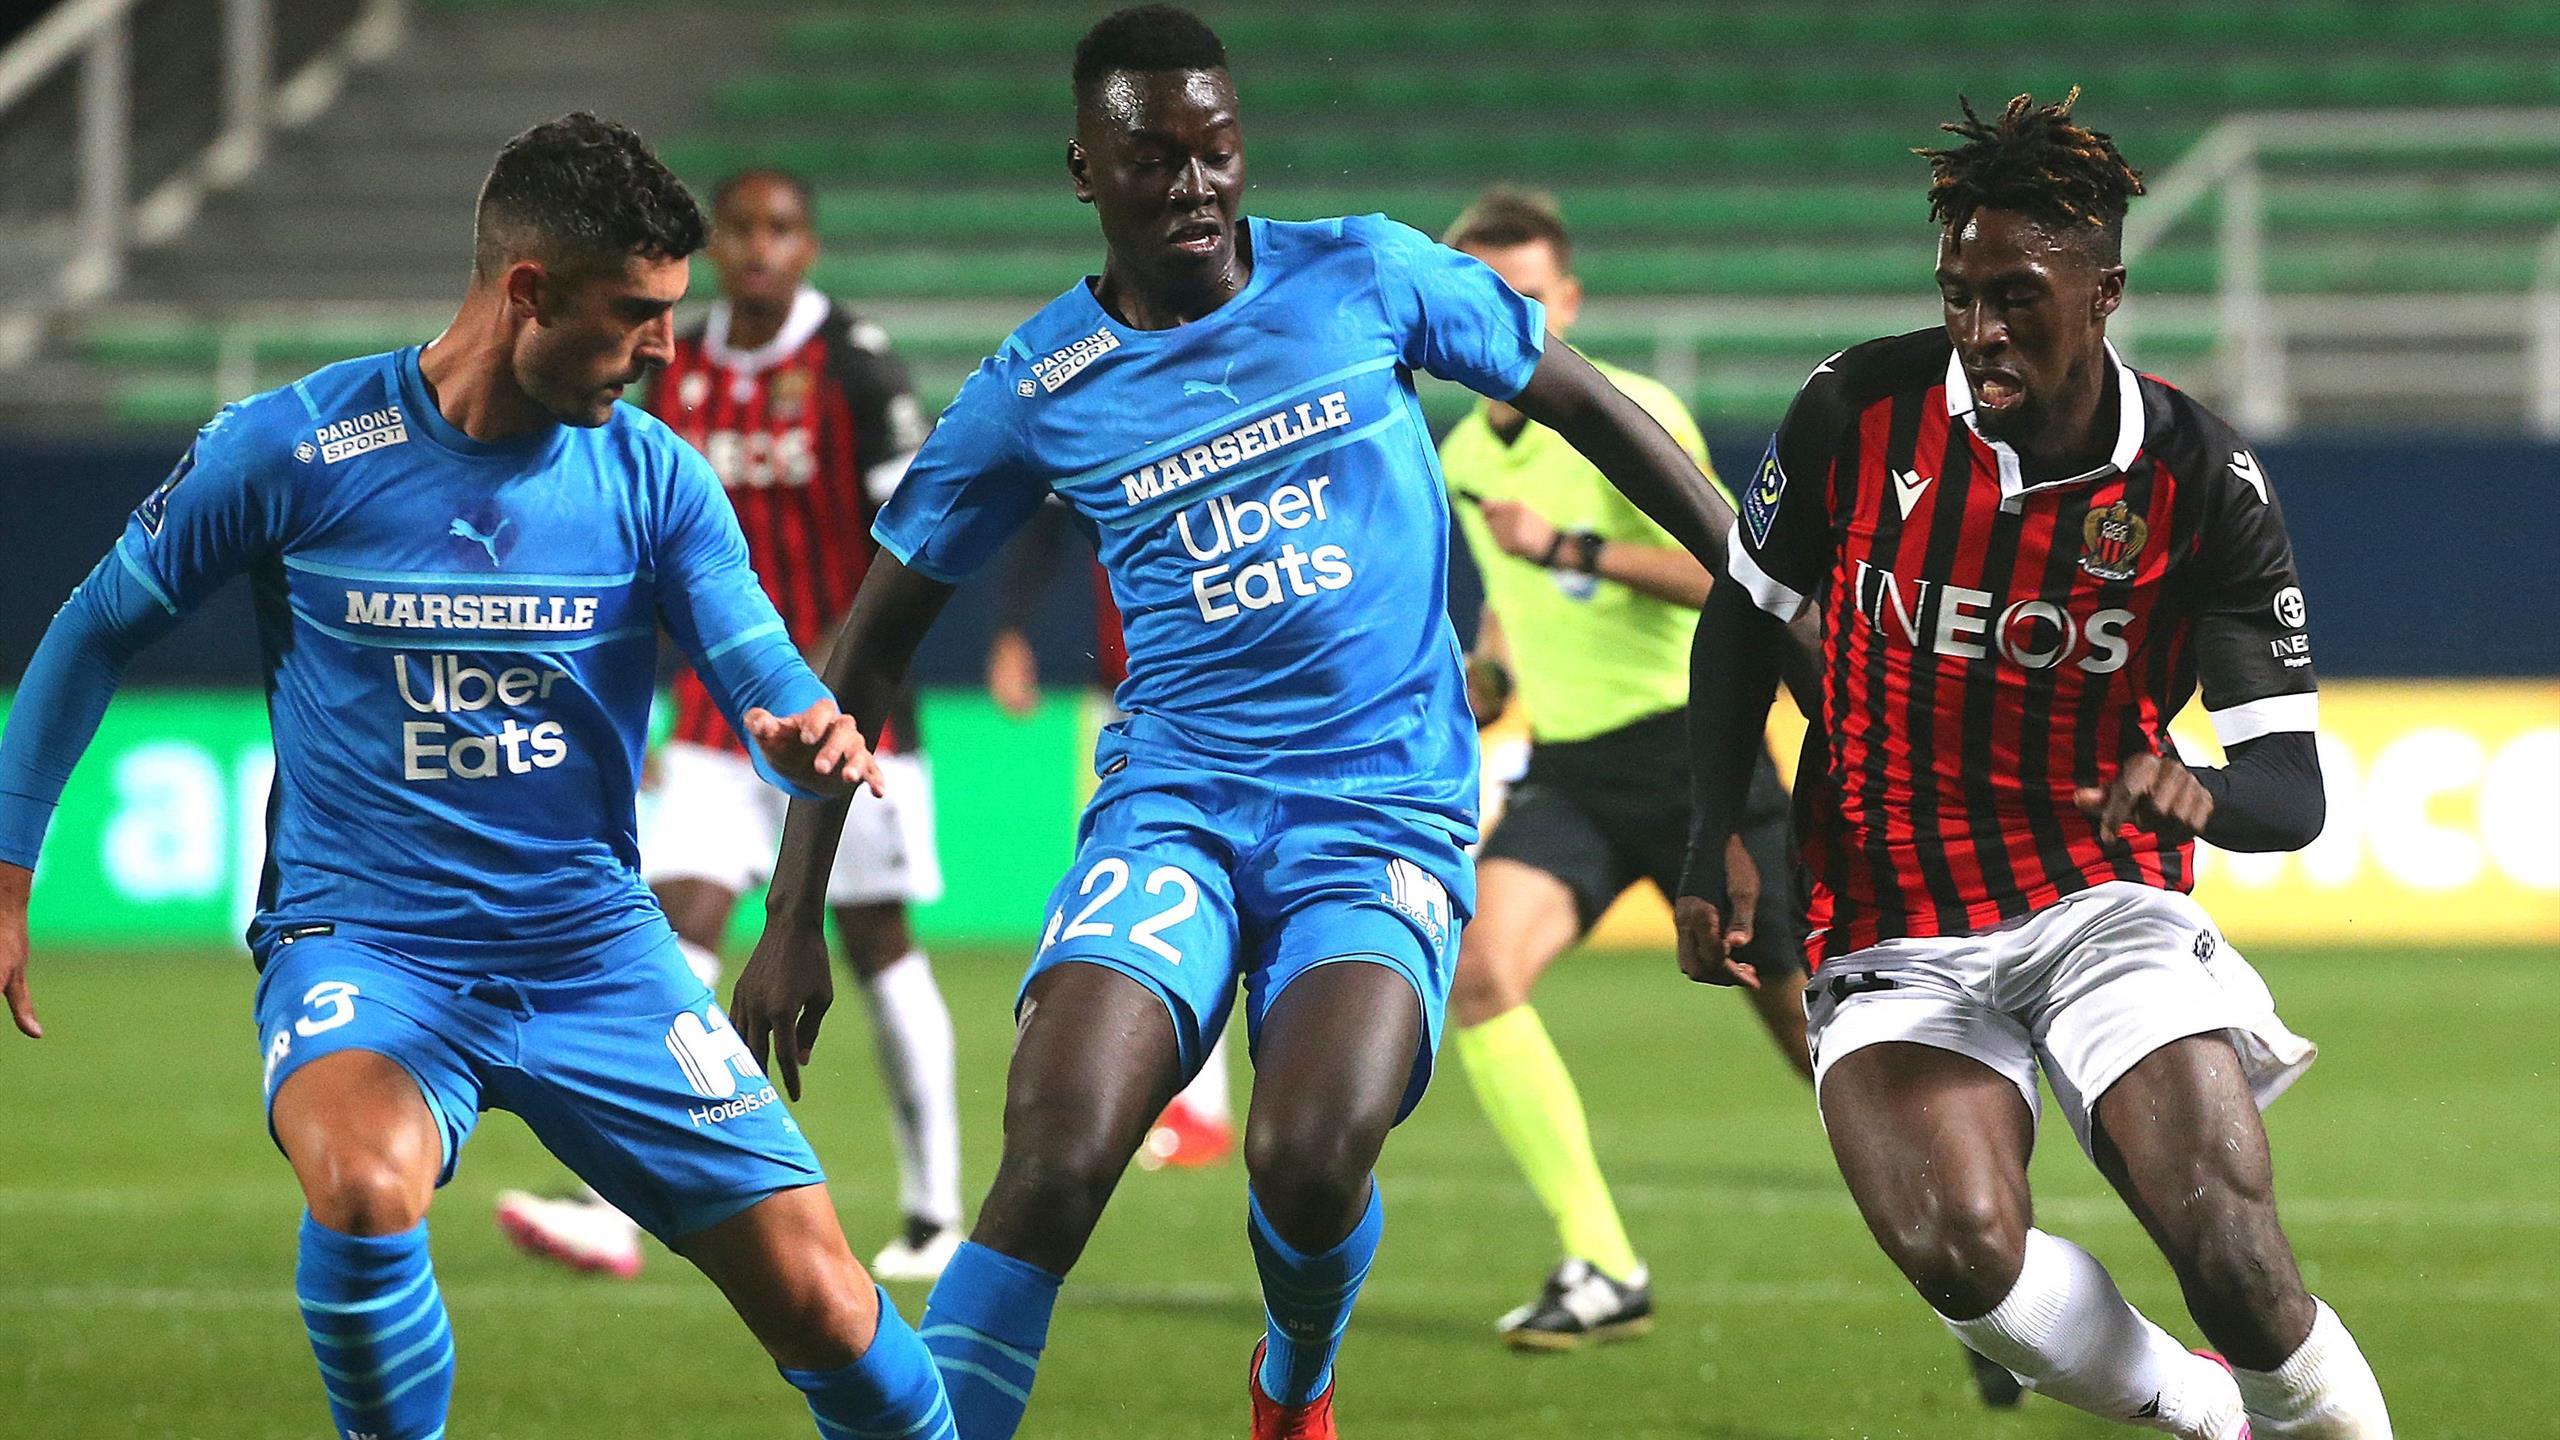 <b>Ligue 1</b> : Nice et Marseille dos à dos dans leur match en retard de la 3e journée (1-1) - Eurosport